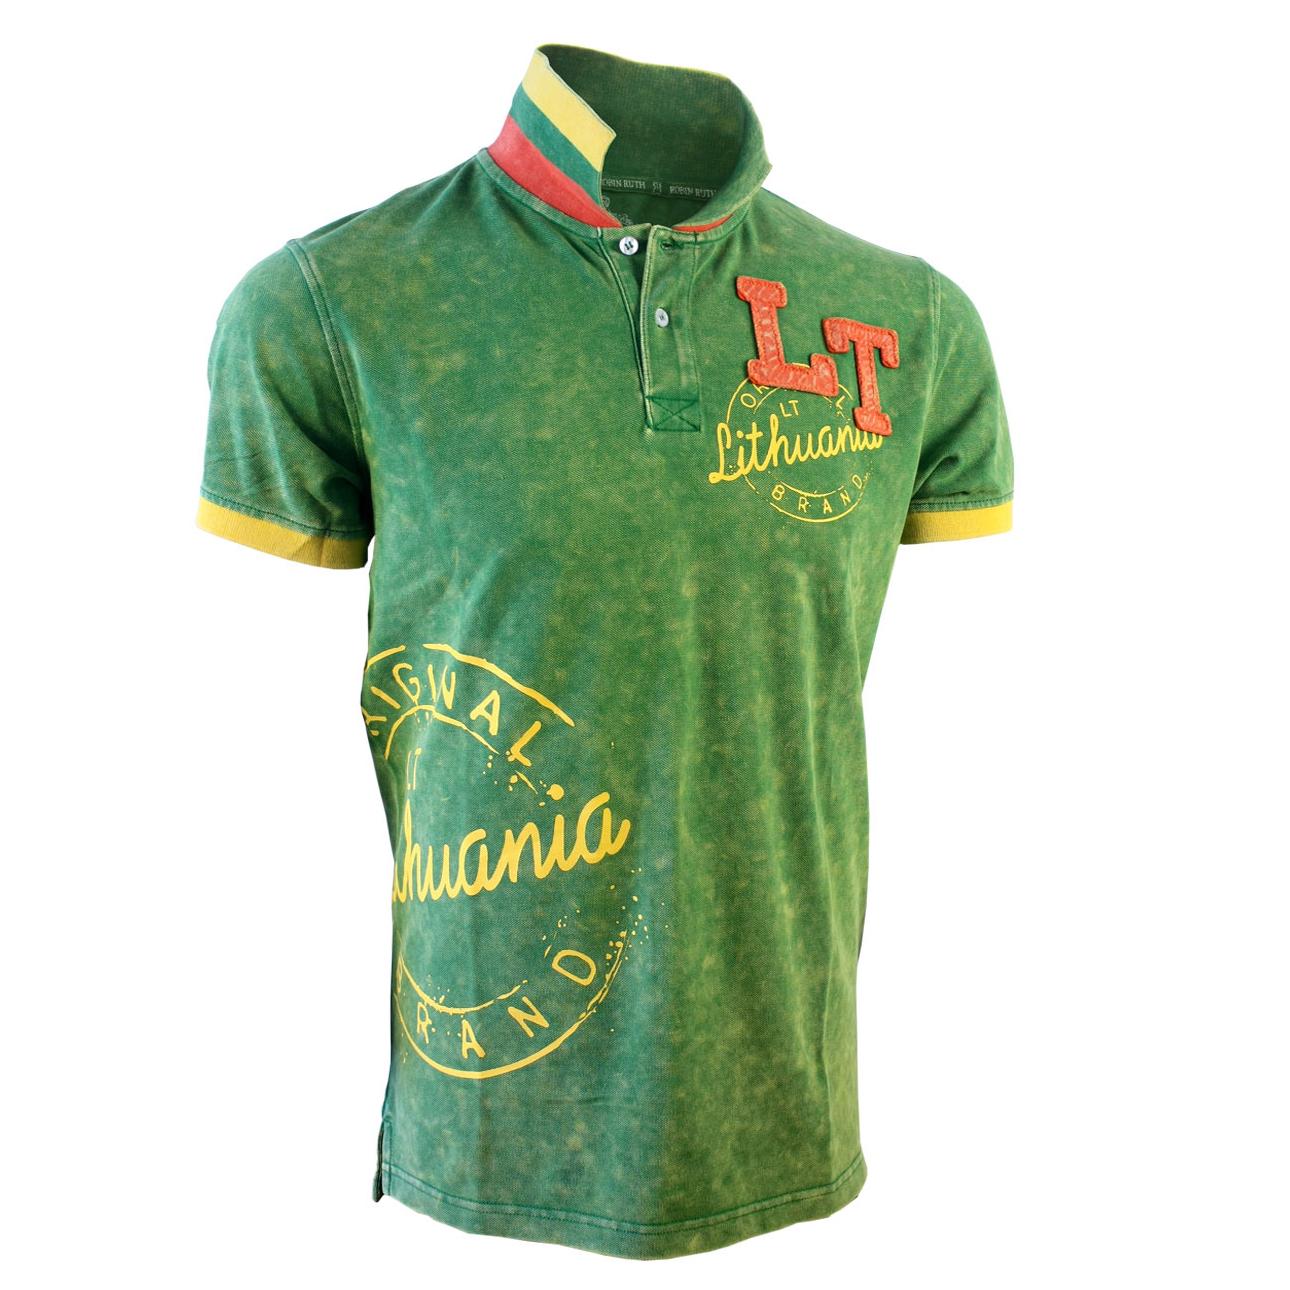 Lithuania Style Polo Shirt Lithuania Gifts Lithuania Shirts